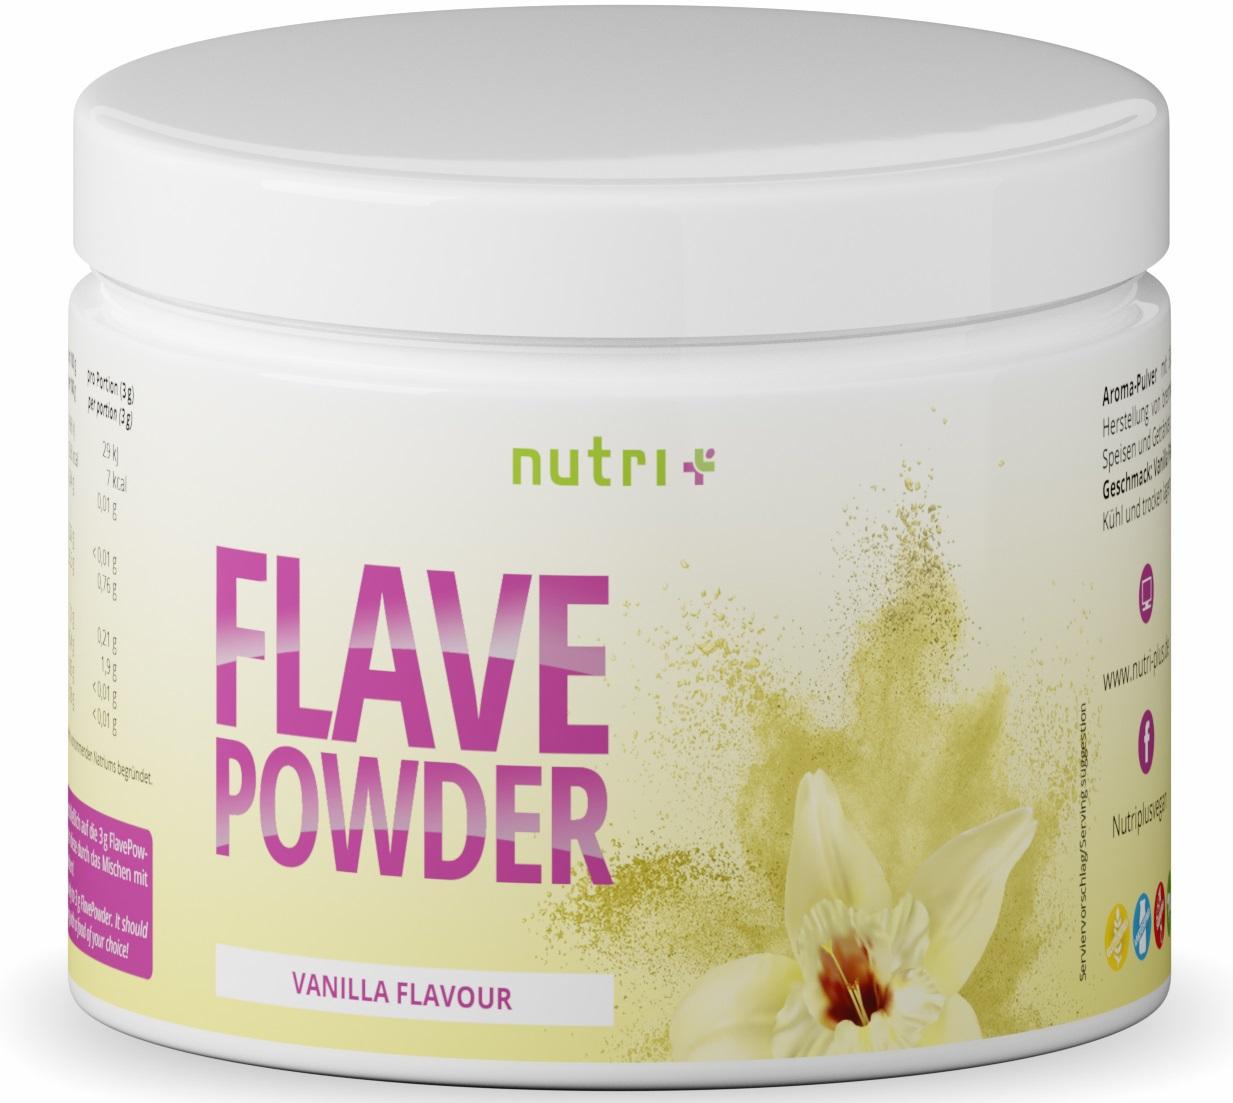 nutri+ Flave Powder - ohne überflüssige Kalorien